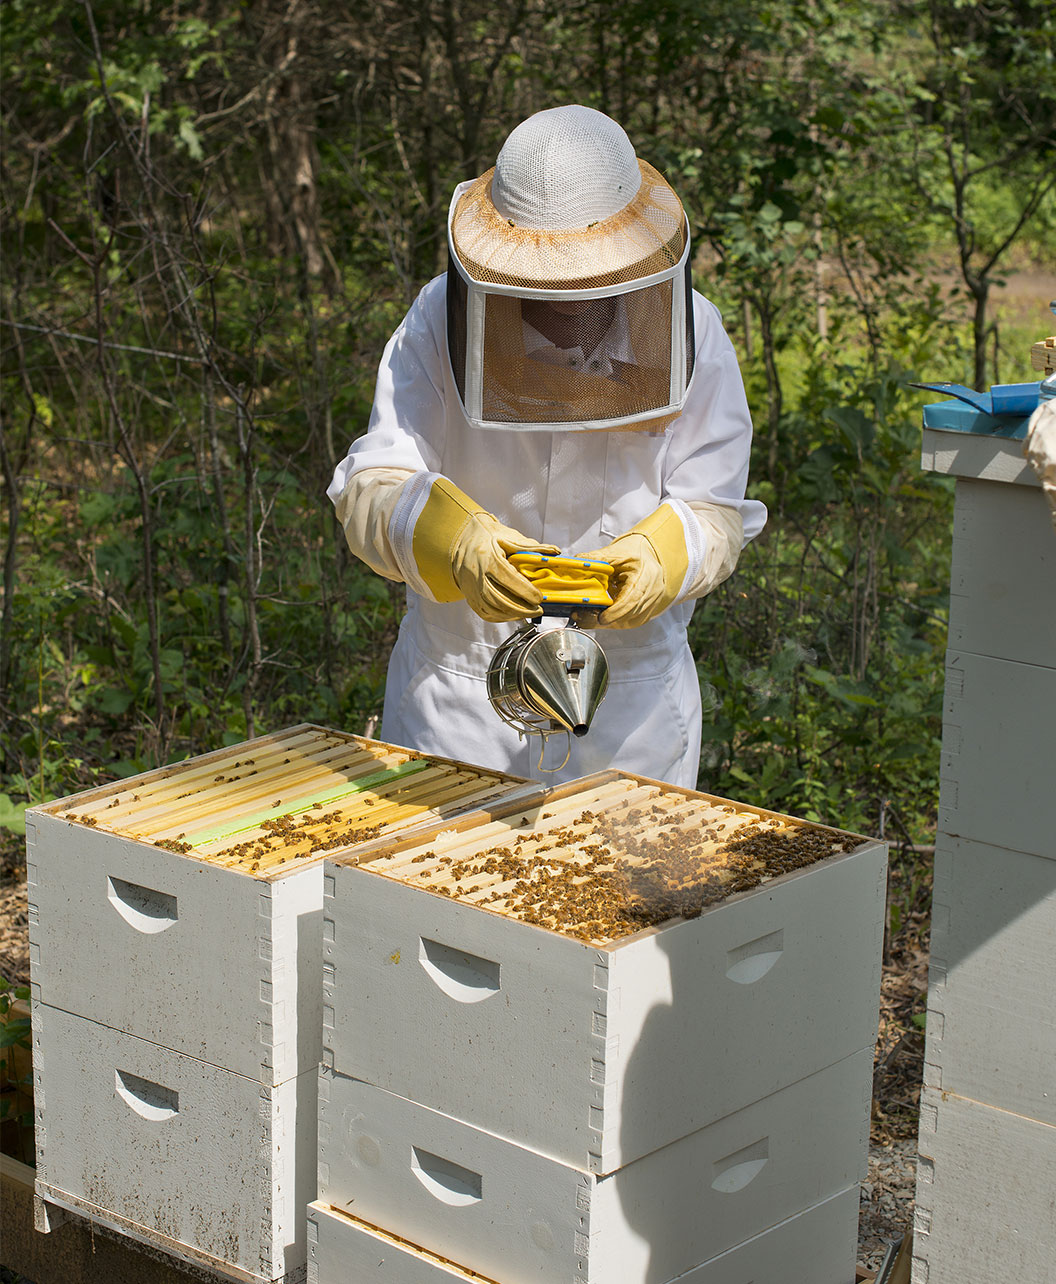 Beekeeper Sector Memberships